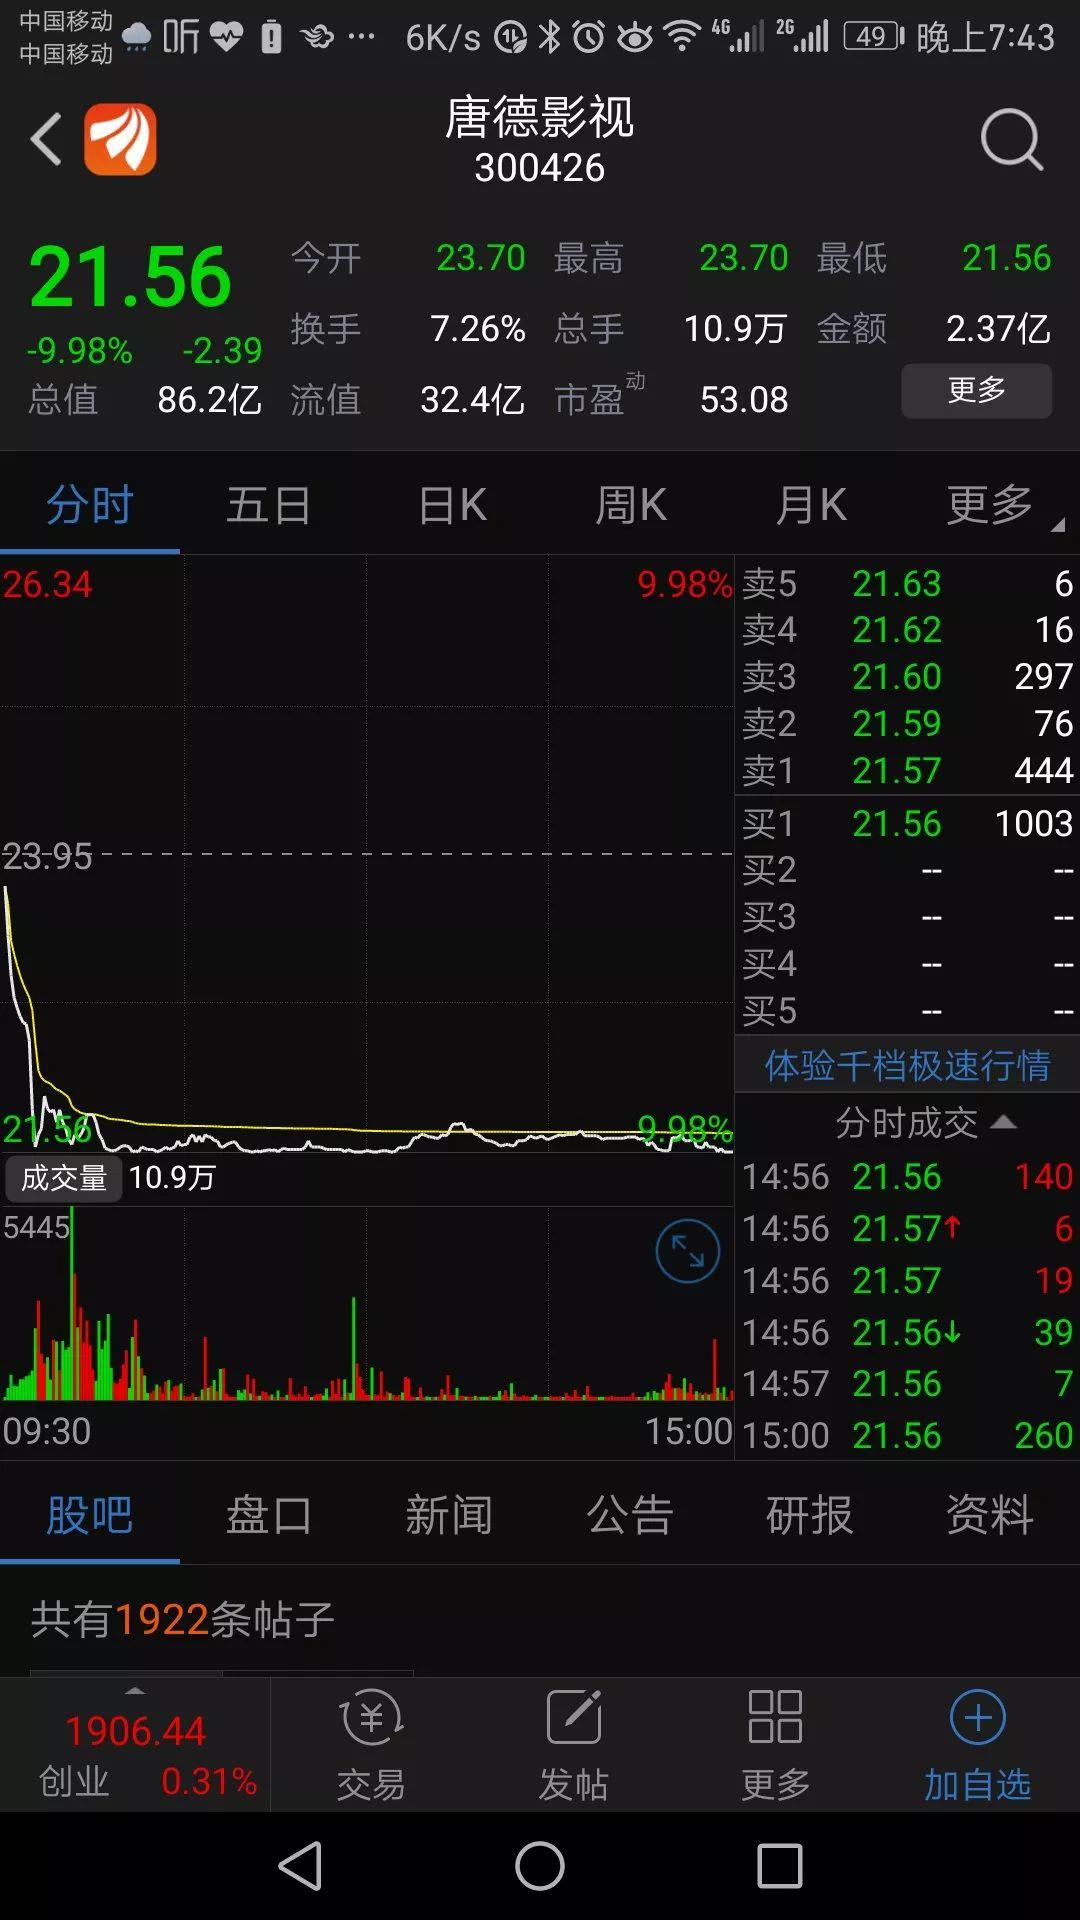 唐德影视《中国好声音》版权要丢 赵薇吃了一个跌停